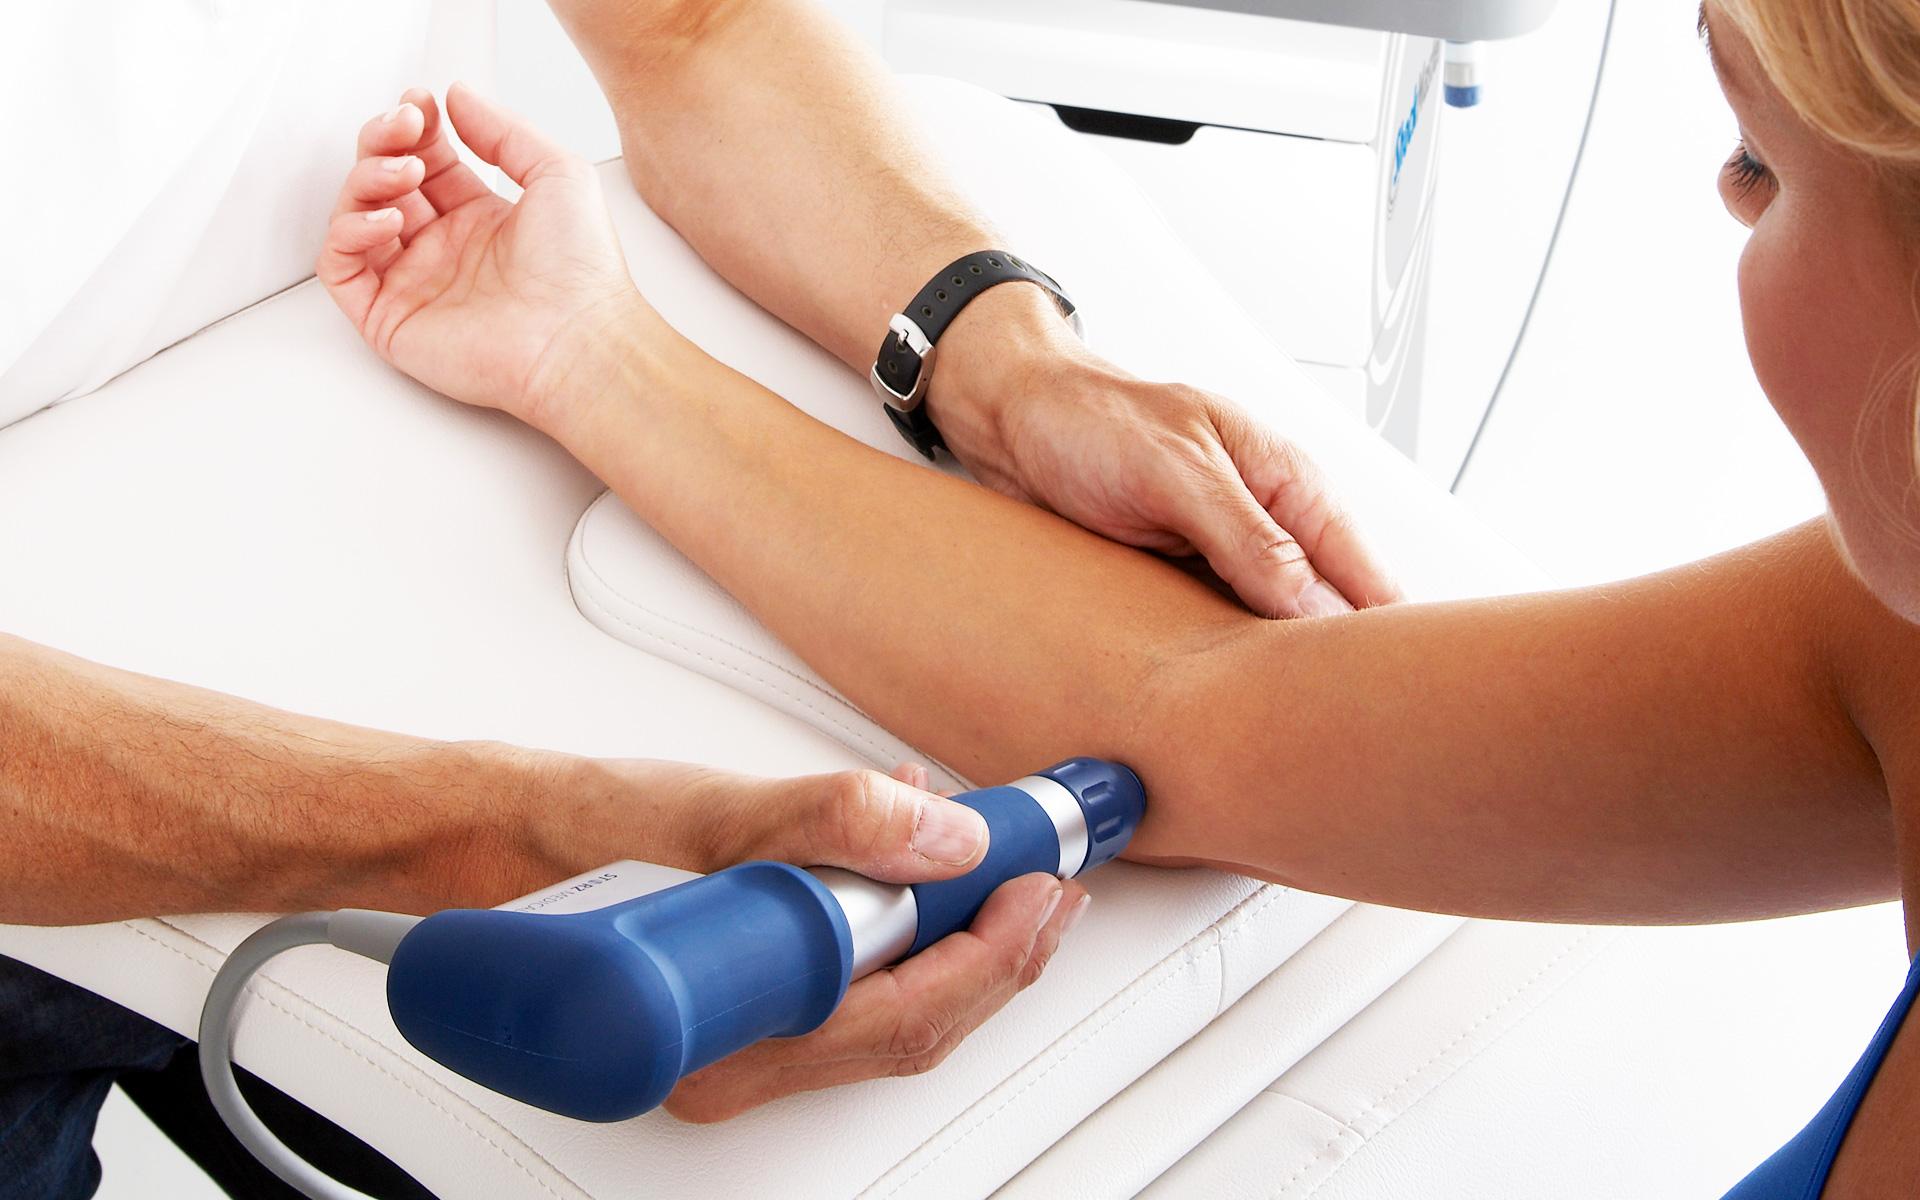 شاک ویو درمانی شاک ویو درمانی - shockwave elbow 1 - شاک ویو درمانی